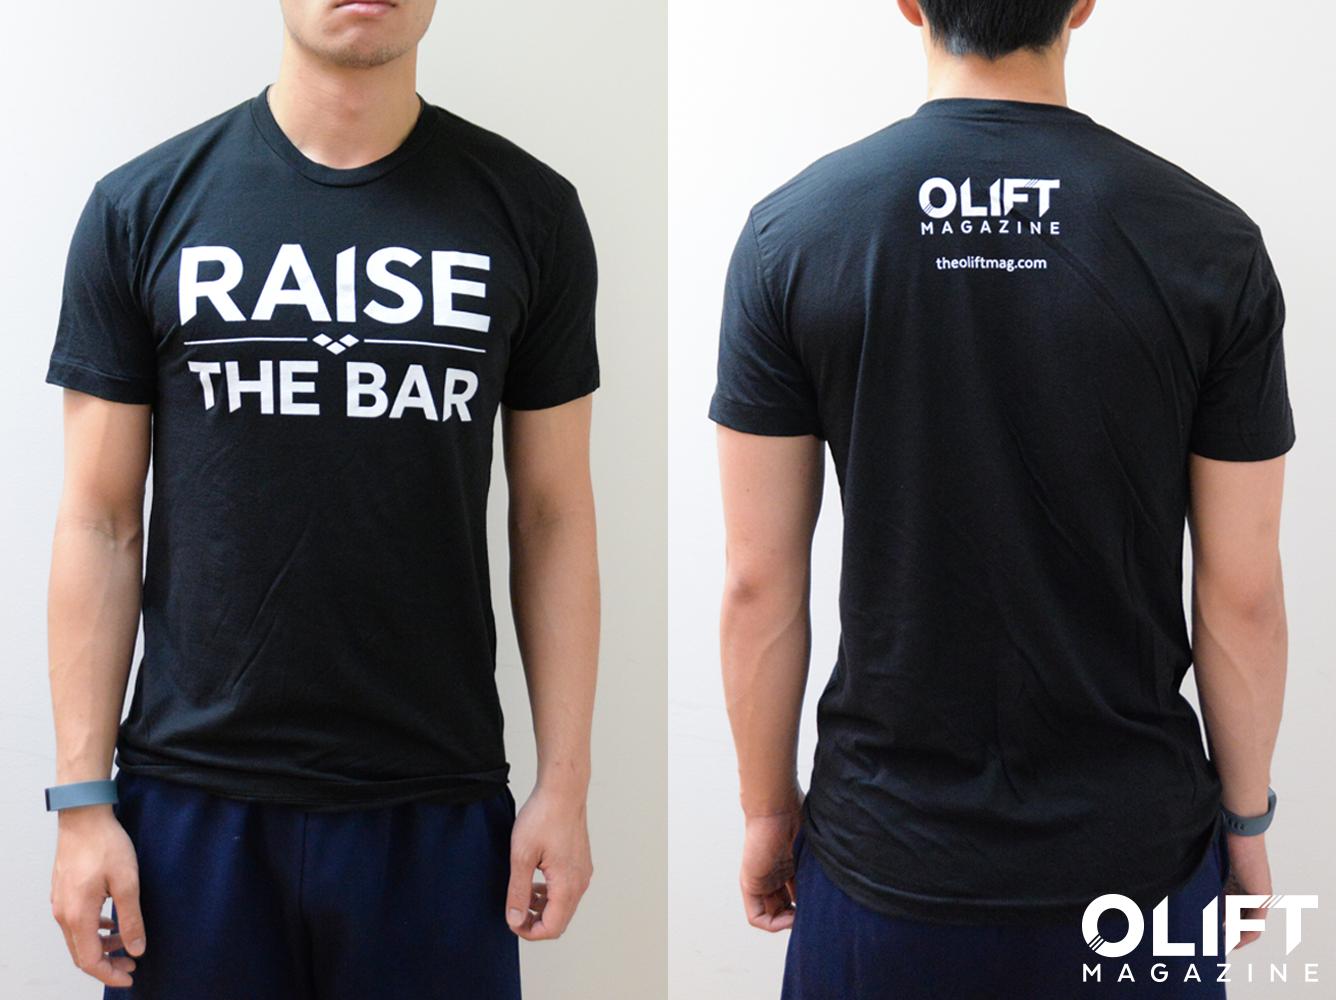 OLift-Shirt-BLACK.png